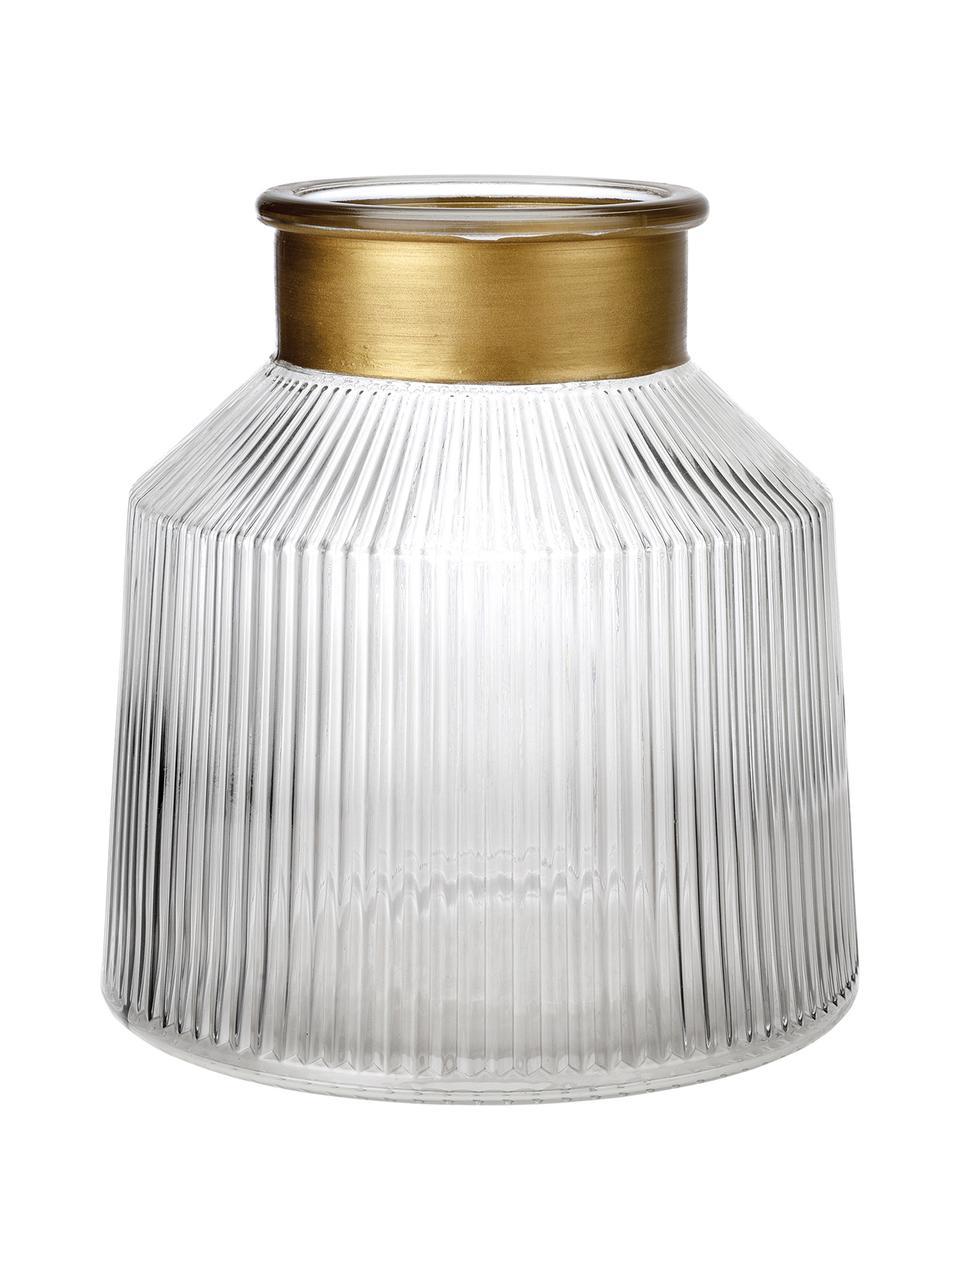 Vaso in vetro Junyell, Bordo: vetro verniciato, Vaso: vetro, Dorato trasparente, Ø 19 x Alt. 20 cm